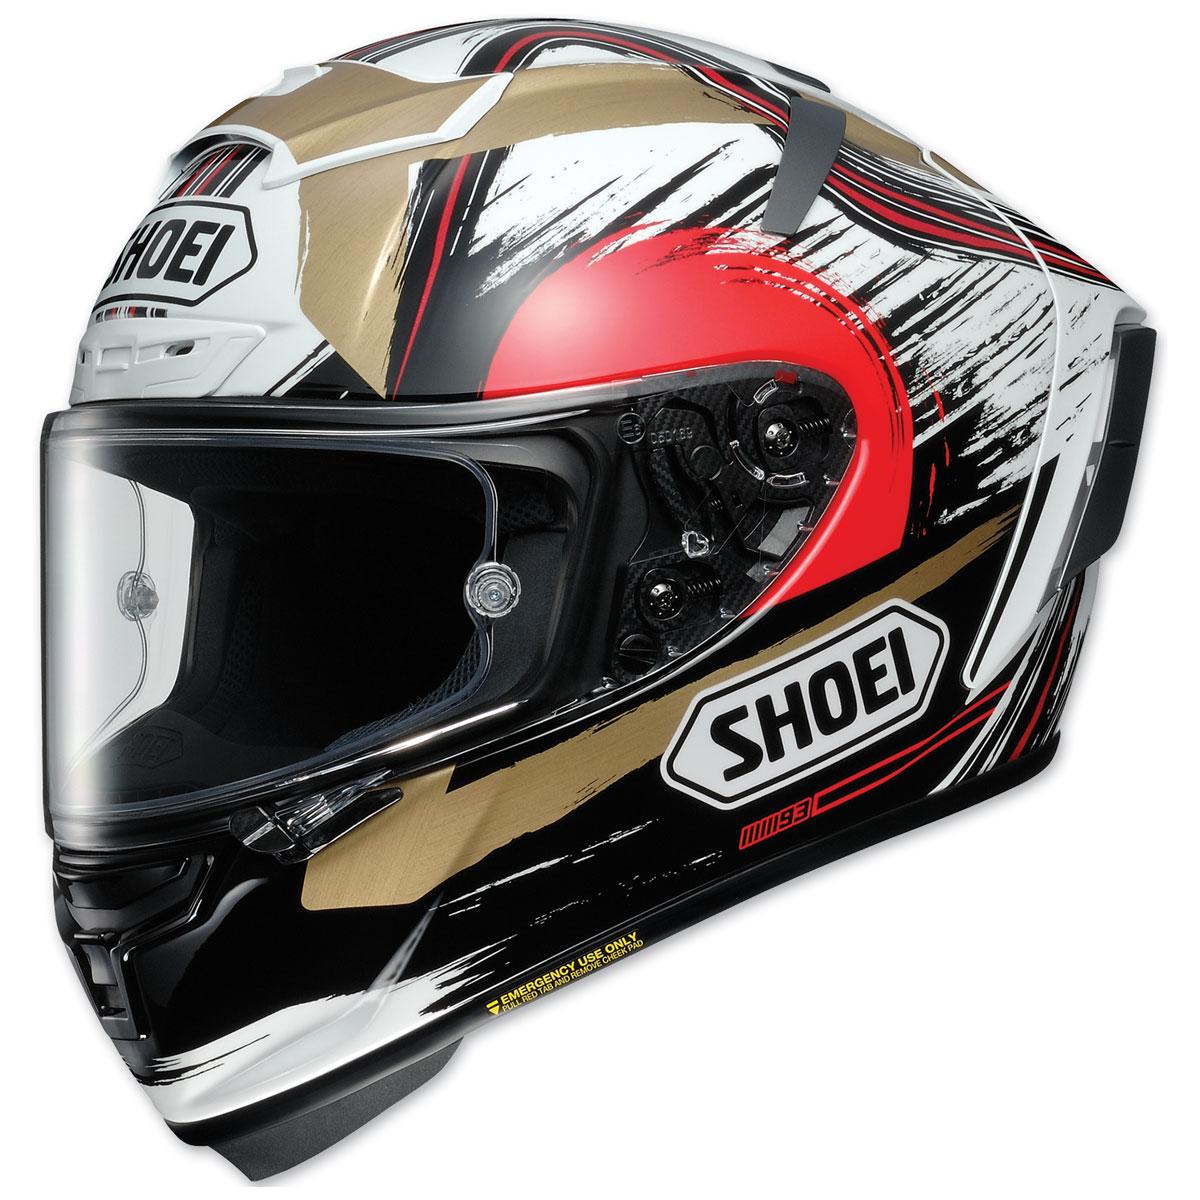 Shoei X-Fourteen Marquez Motegi 2 Full Face Helmet